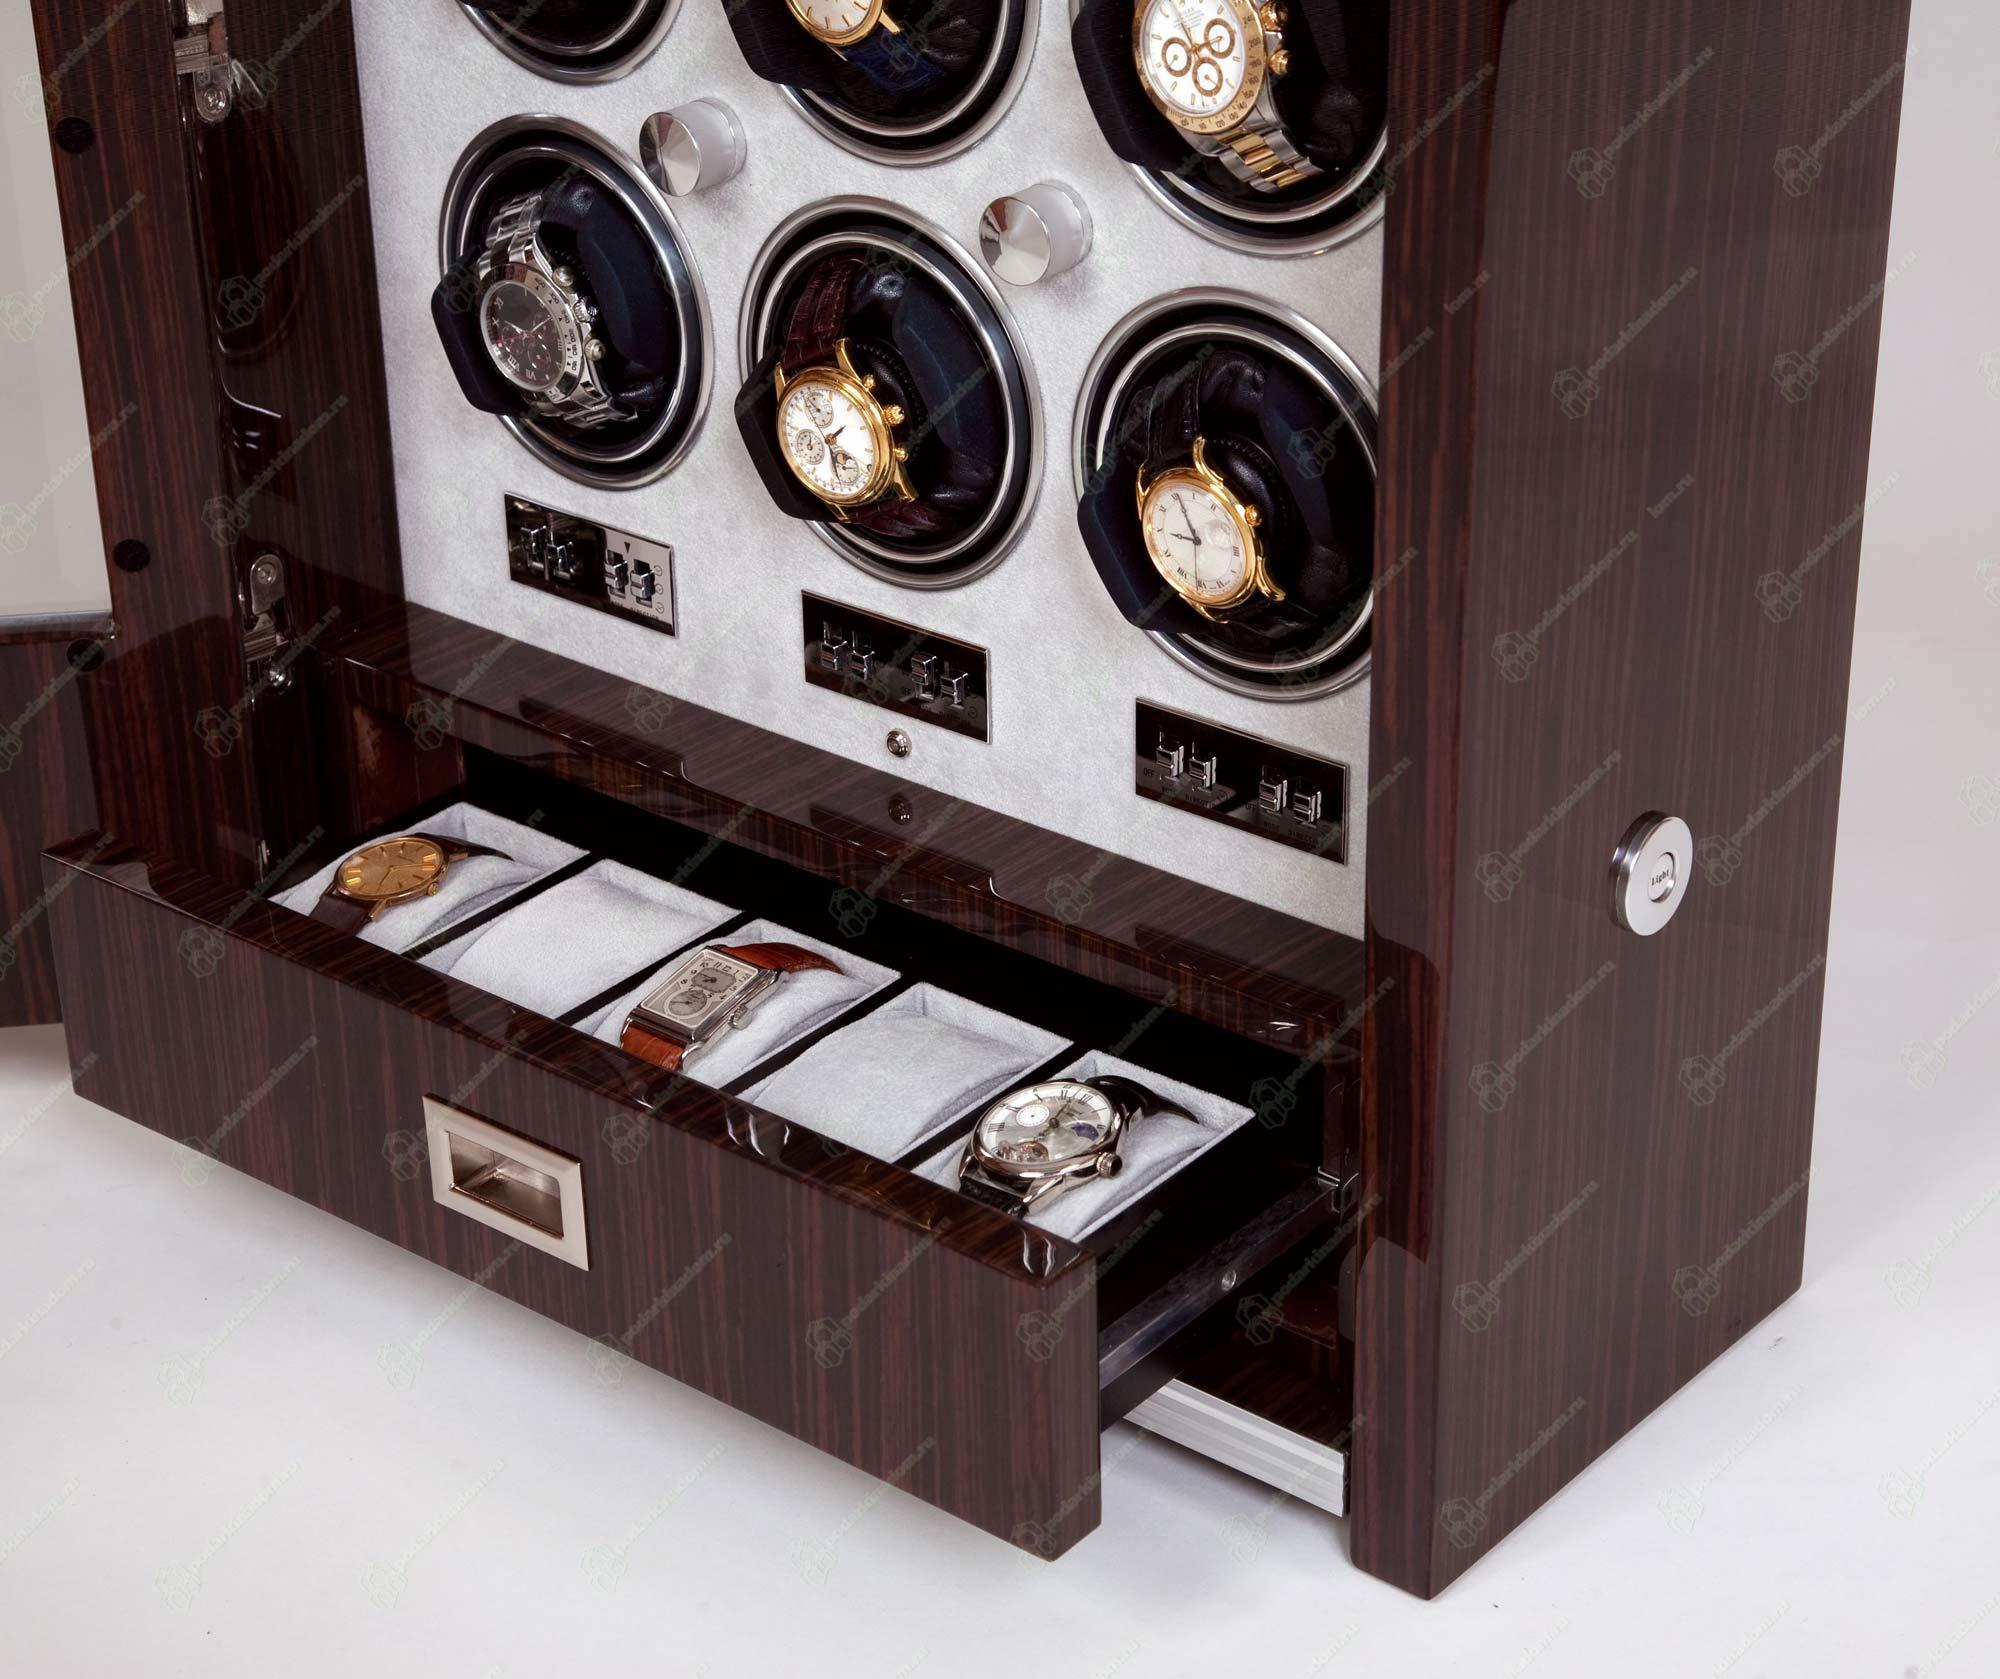 Rapport W409 Элегантный шкафчик для подзавода девяти механических часов и дополнительным местом для хранения четырех